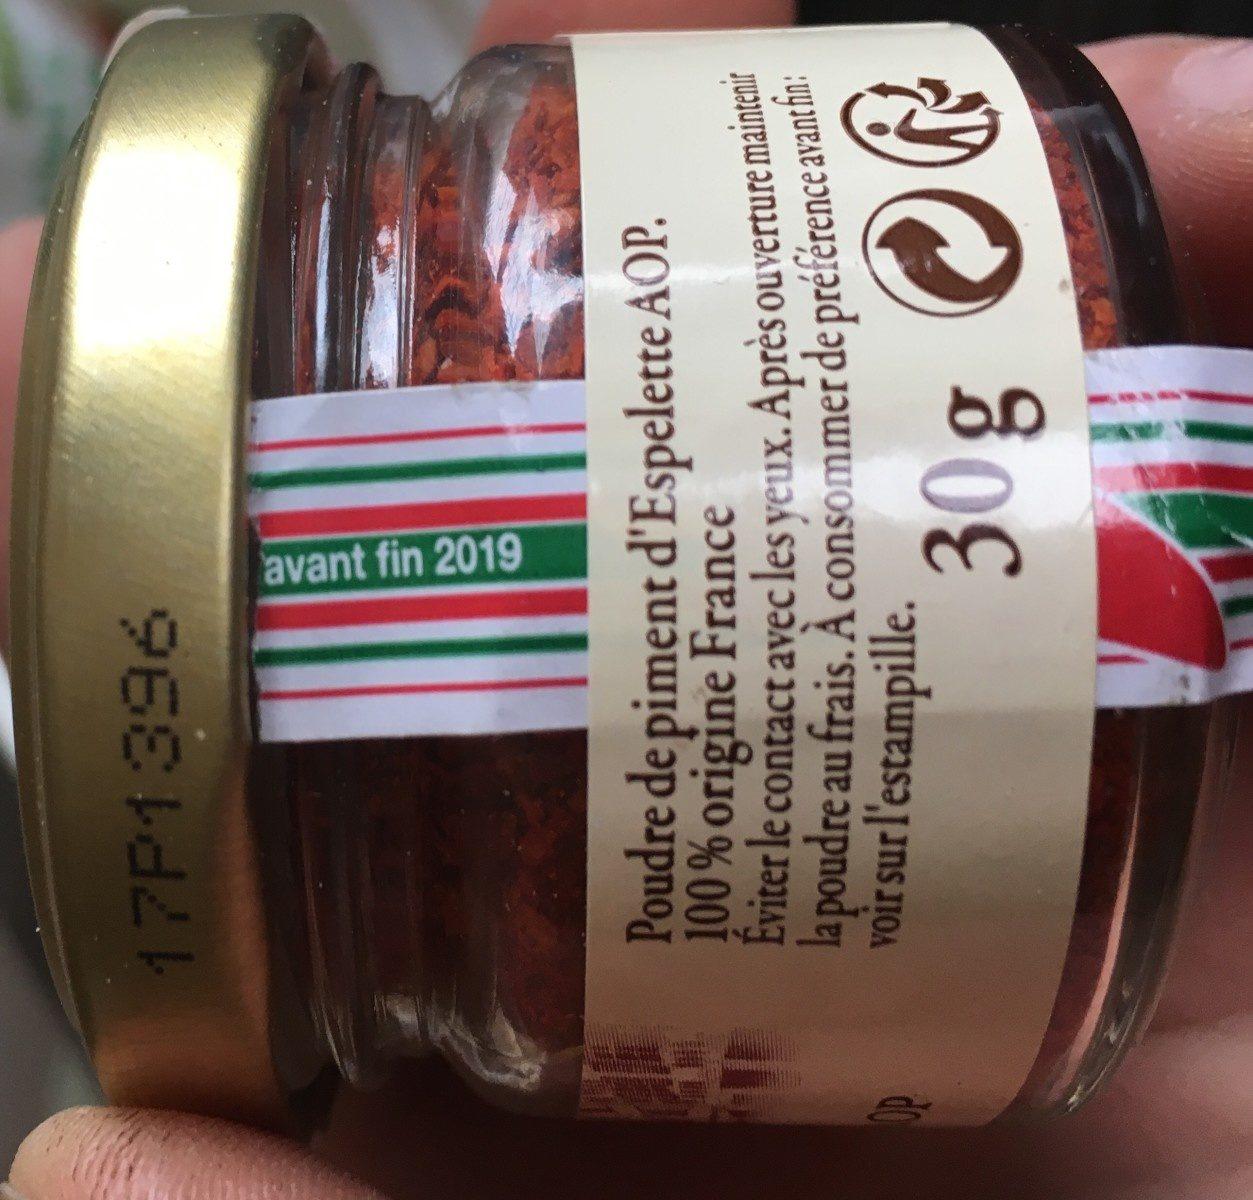 Piment d'Espelette AOP - Ingredients - en